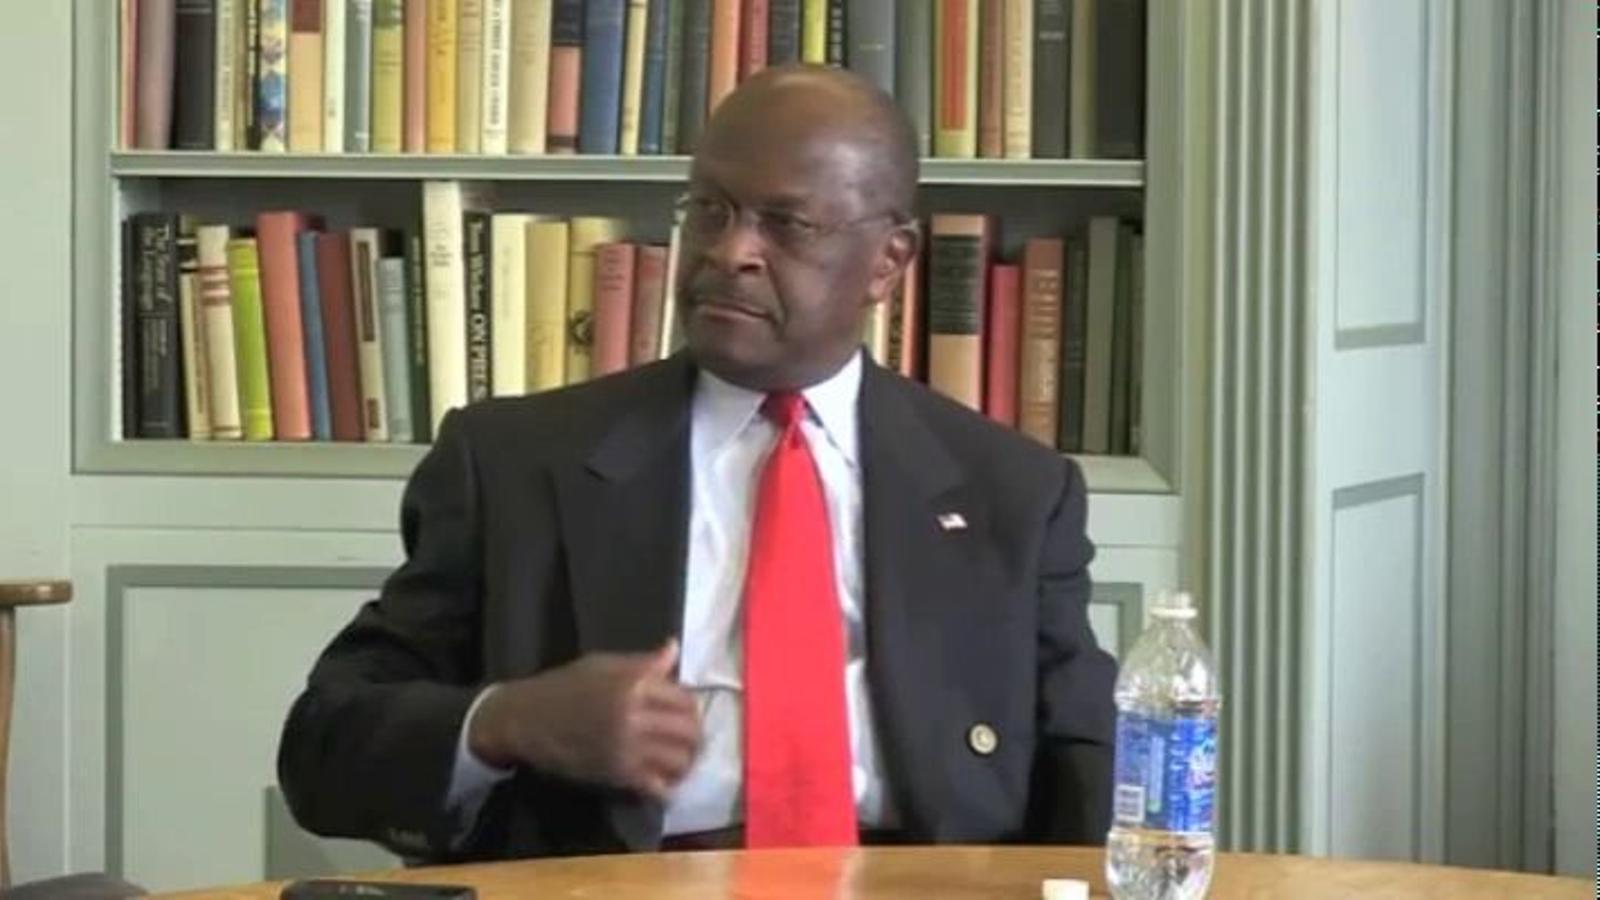 El candidat republicà Herman Cain, en blanc en una entrevista quan li pregunten per Líbia